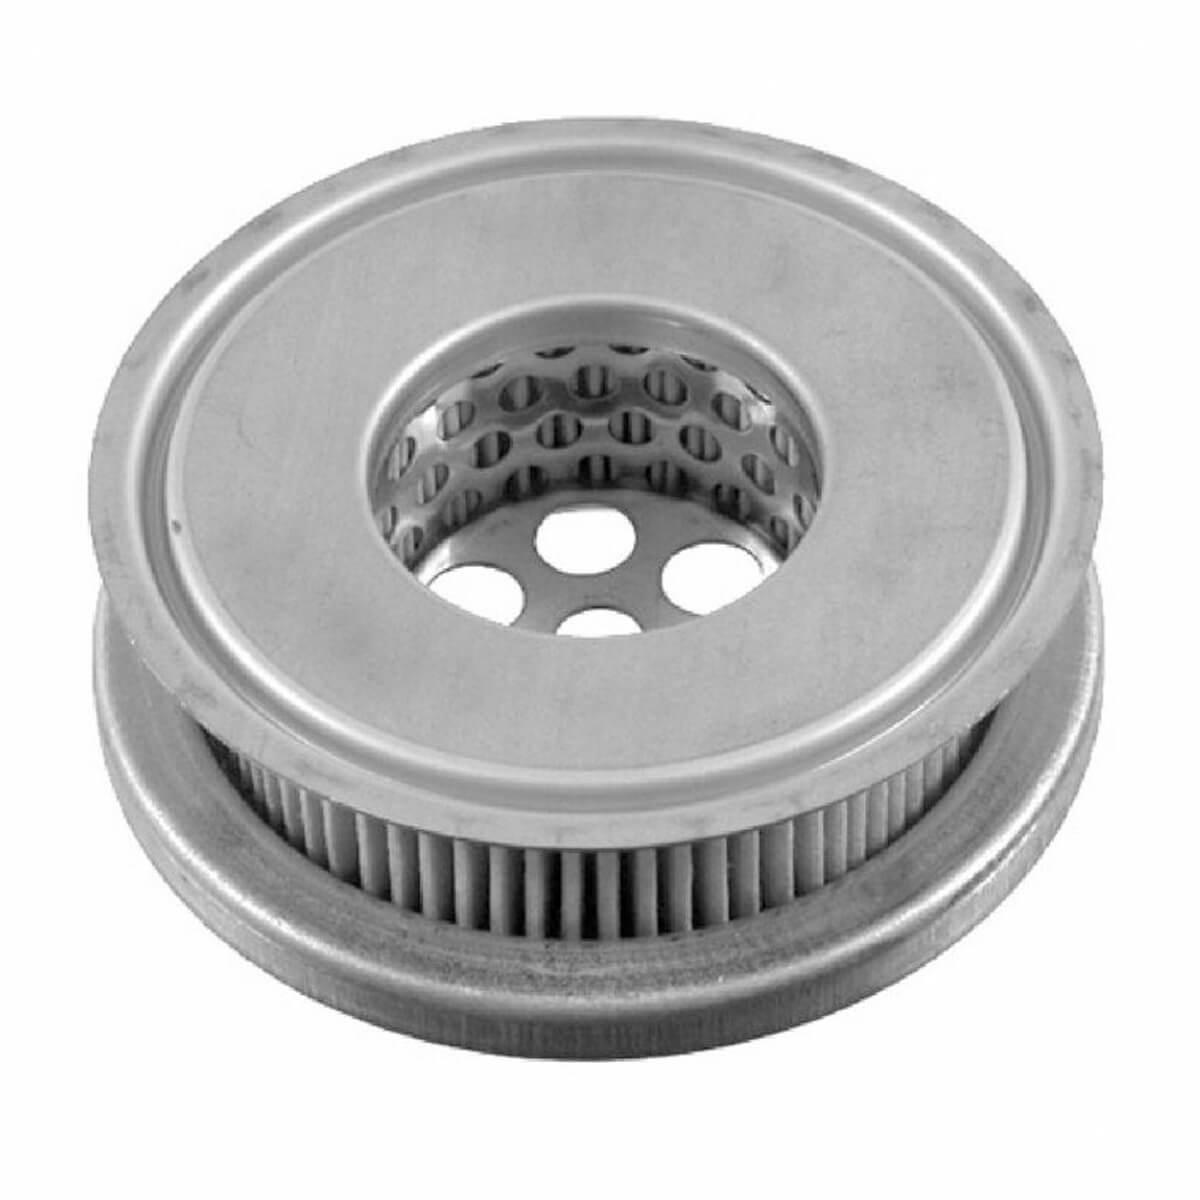 Steering System Filter